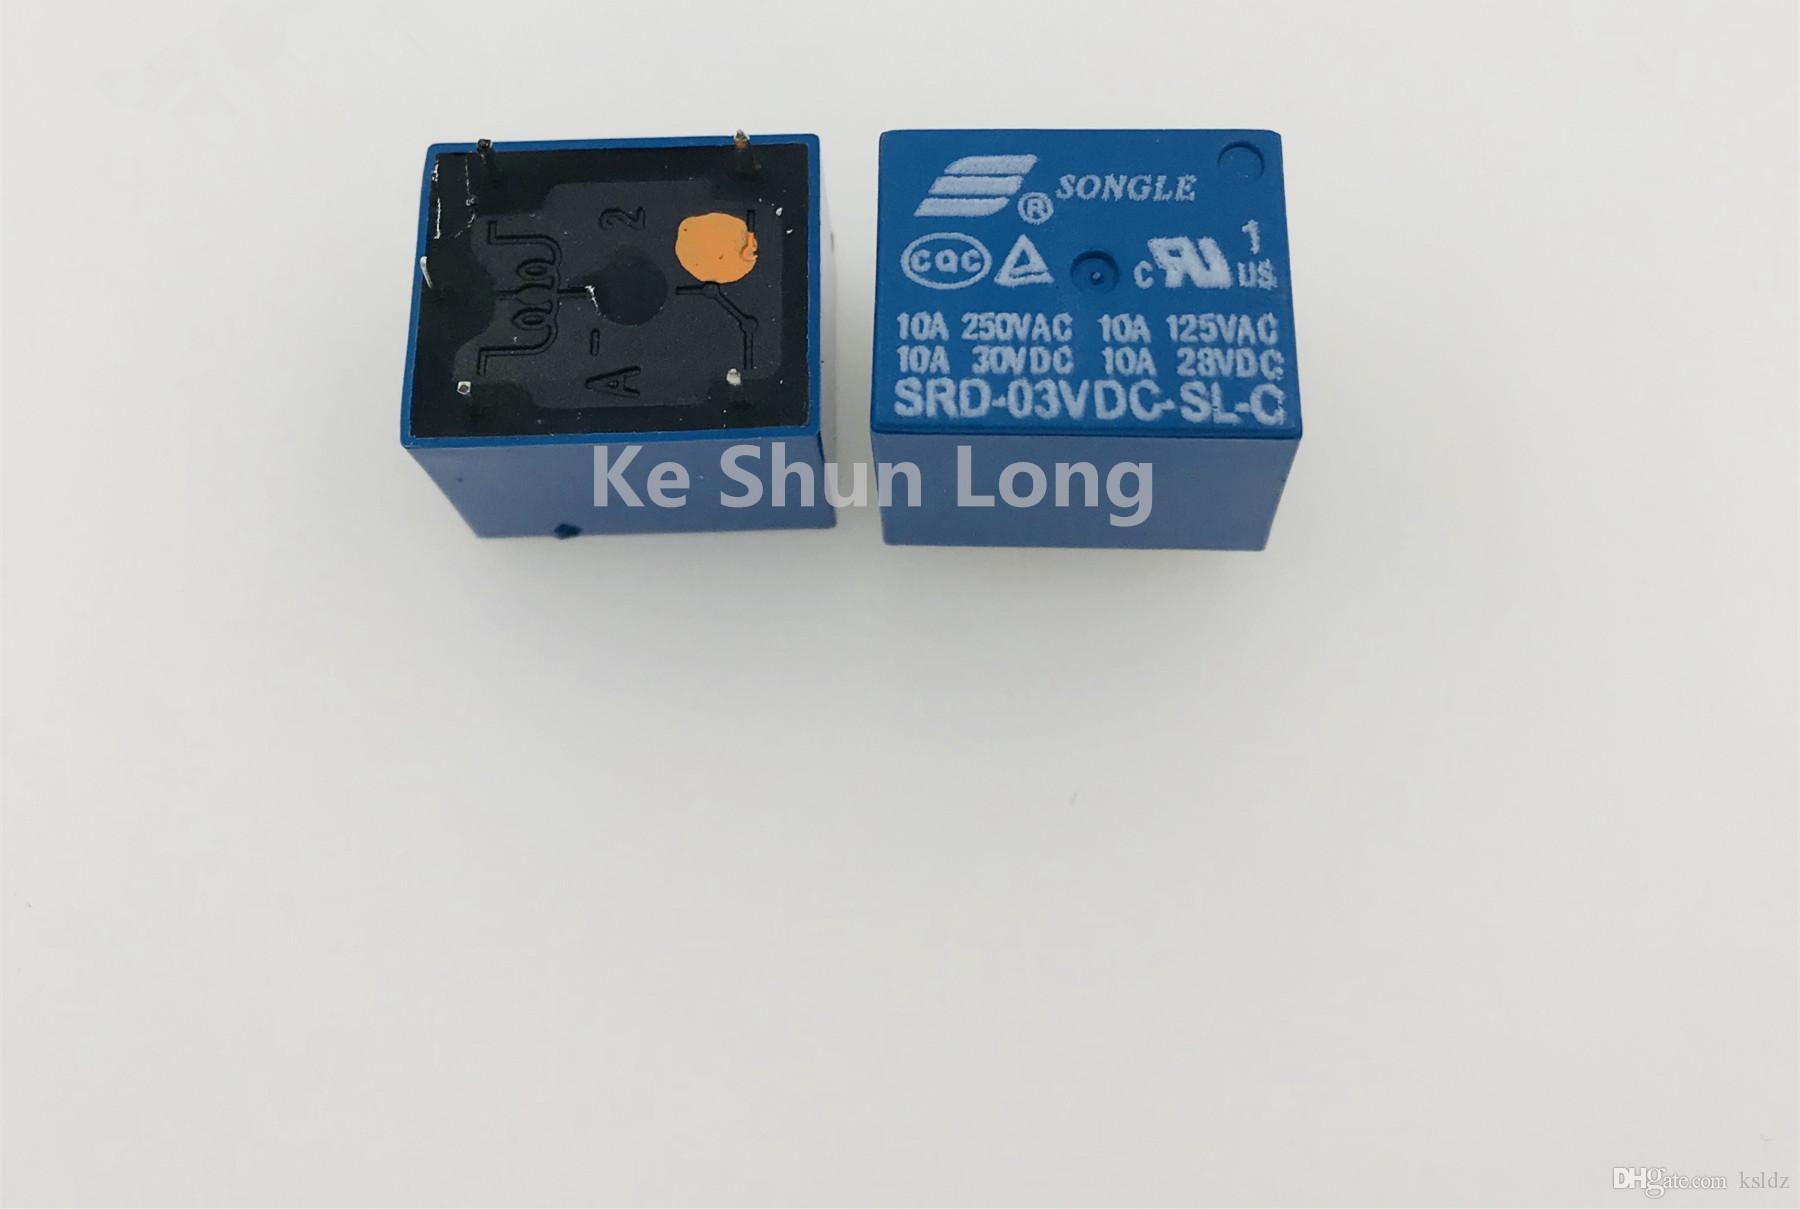 Ücretsiz kargo lot (10pieces / lot)% 100 Orijinal Yeni songle SRD-03VDC-SL-C SRD-05VDC-SL-C SRD-06VDC-SL-C SRD-09VDC-SL-C 5PINS 10A güç rölesi